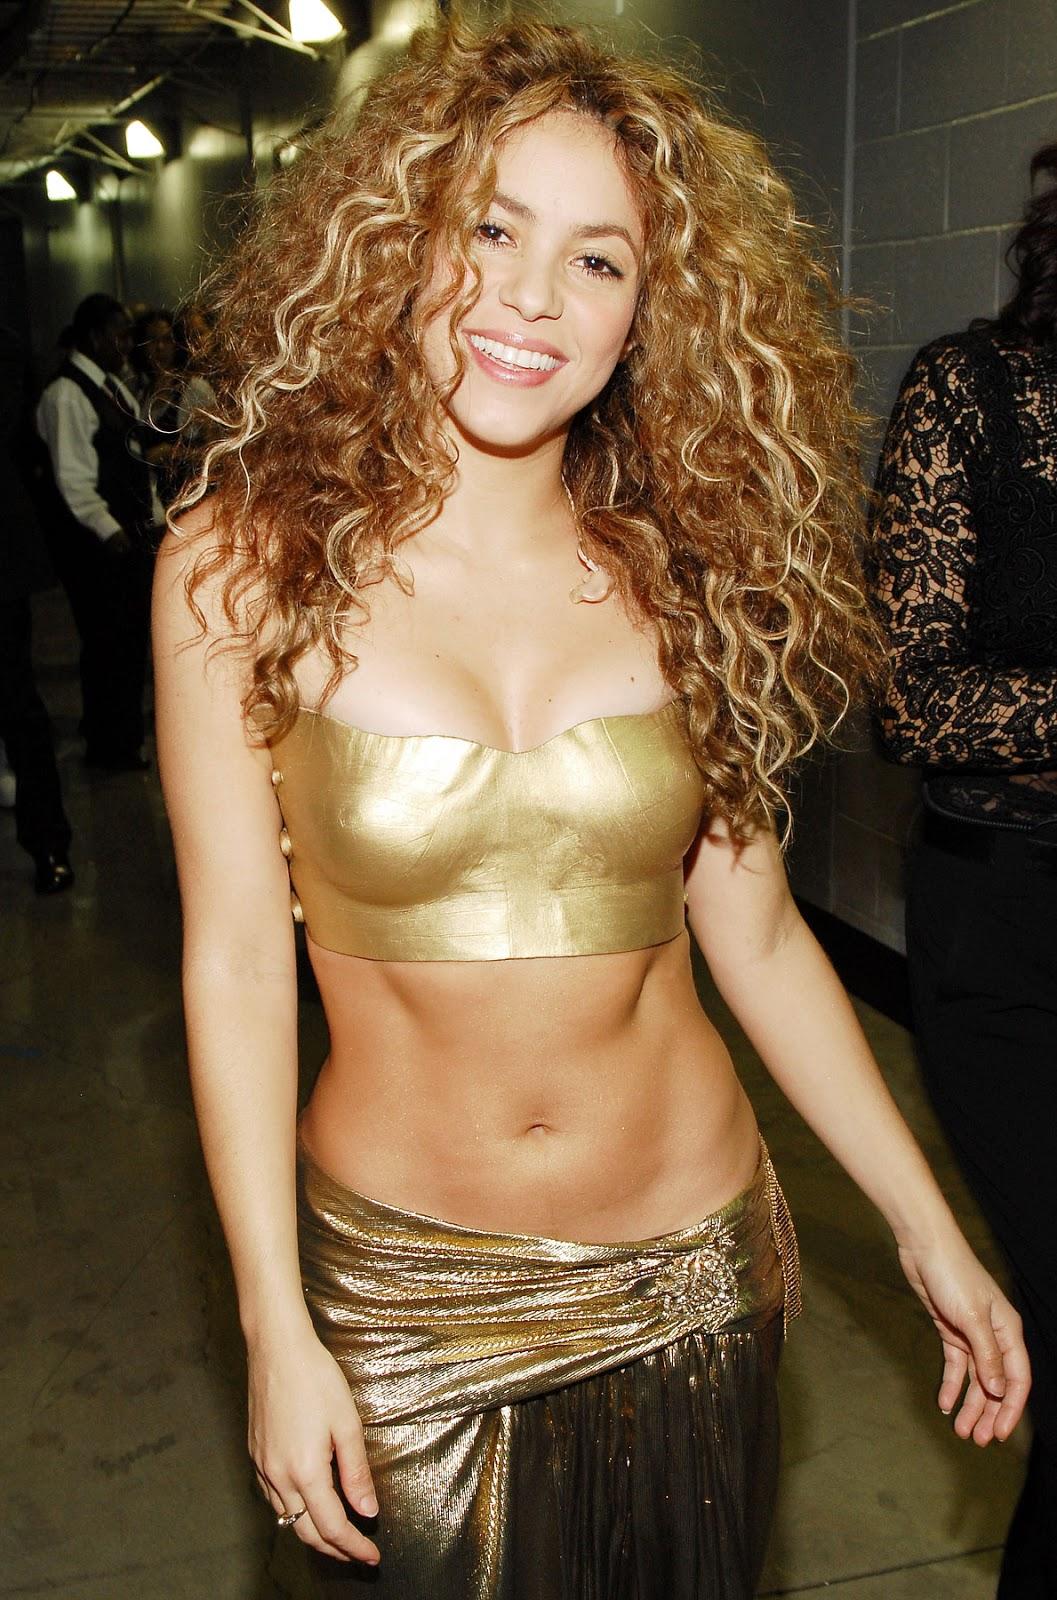 images 2013 shakira images 2013 shakira images 2013 shakira images    Shakira